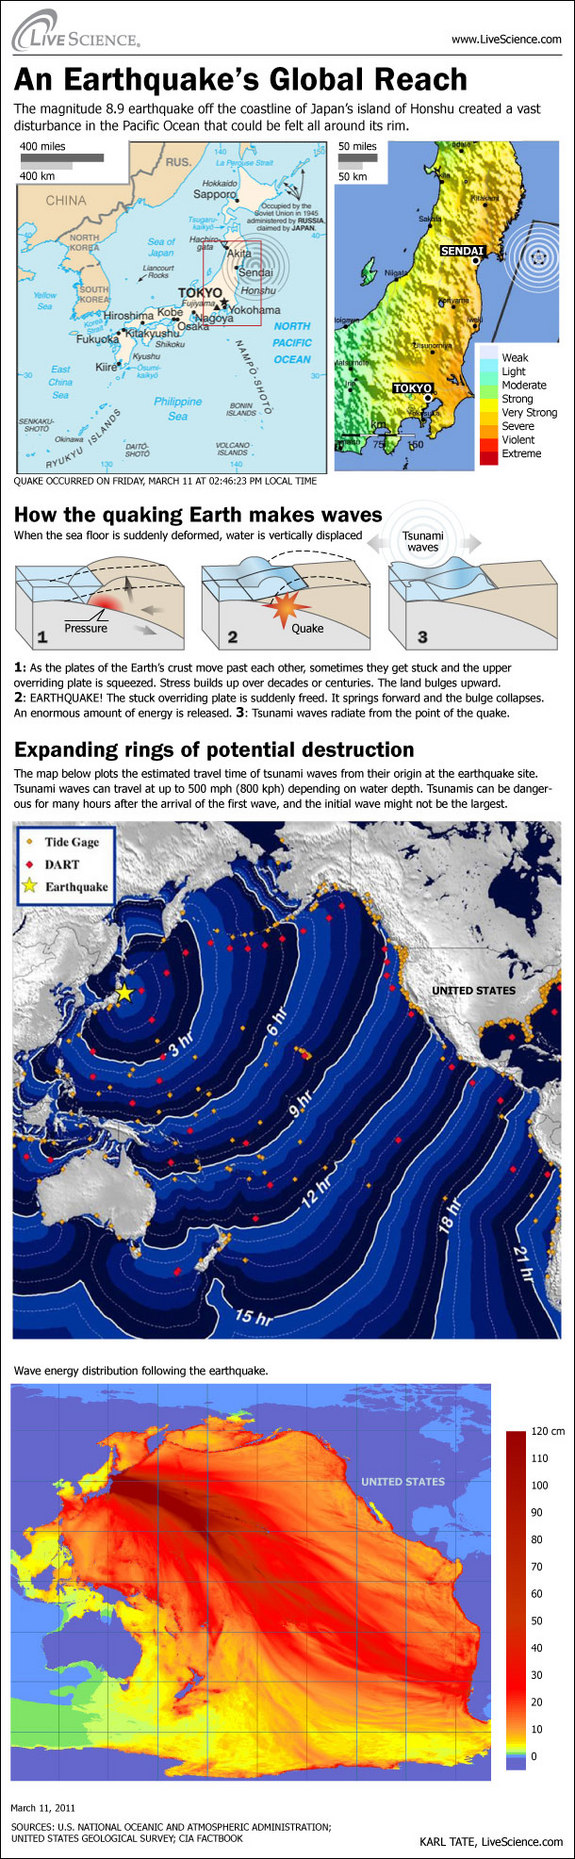 แบบจำลองการเกิดสึนามิหลังจากแผ่นดินไหวญี่ปุ่น